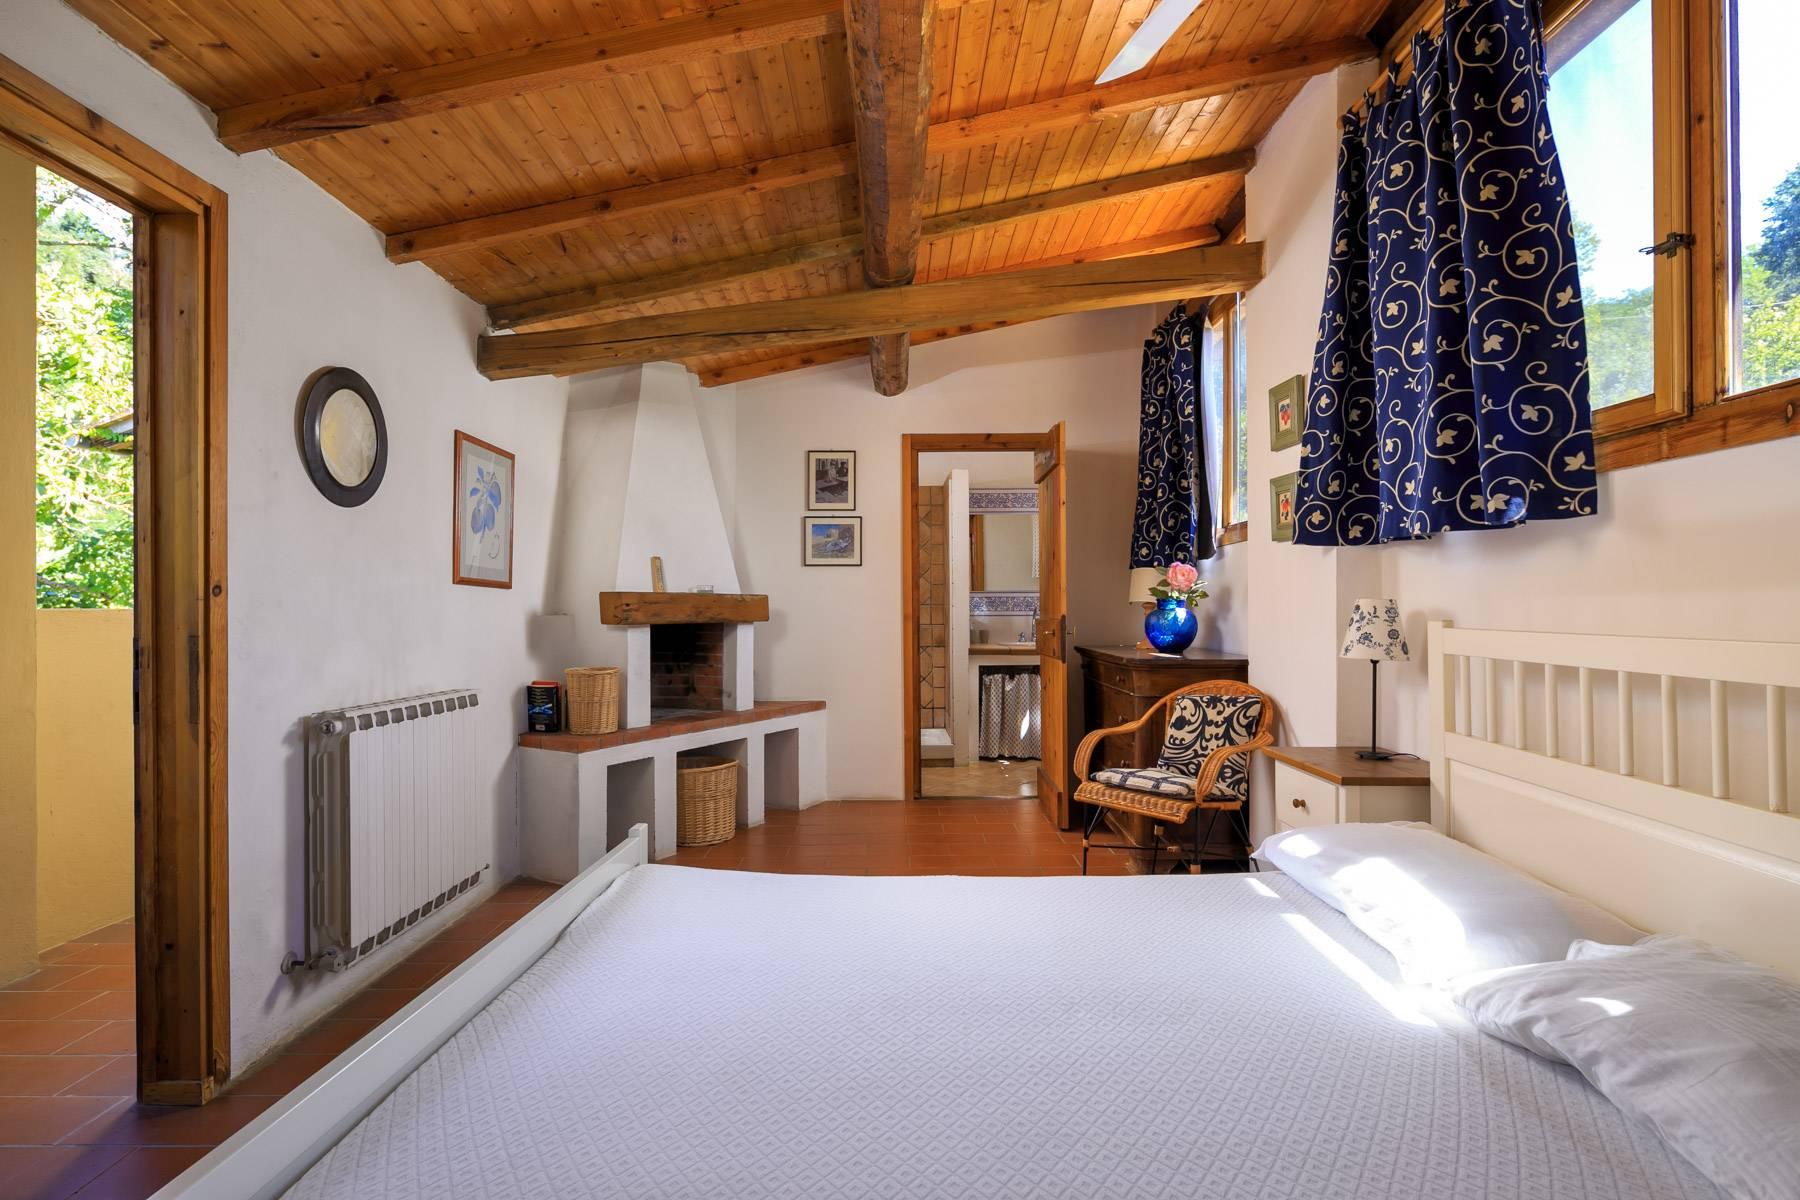 Rustico in Vendita a Terranuova Bracciolini: 5 locali, 875 mq - Foto 14